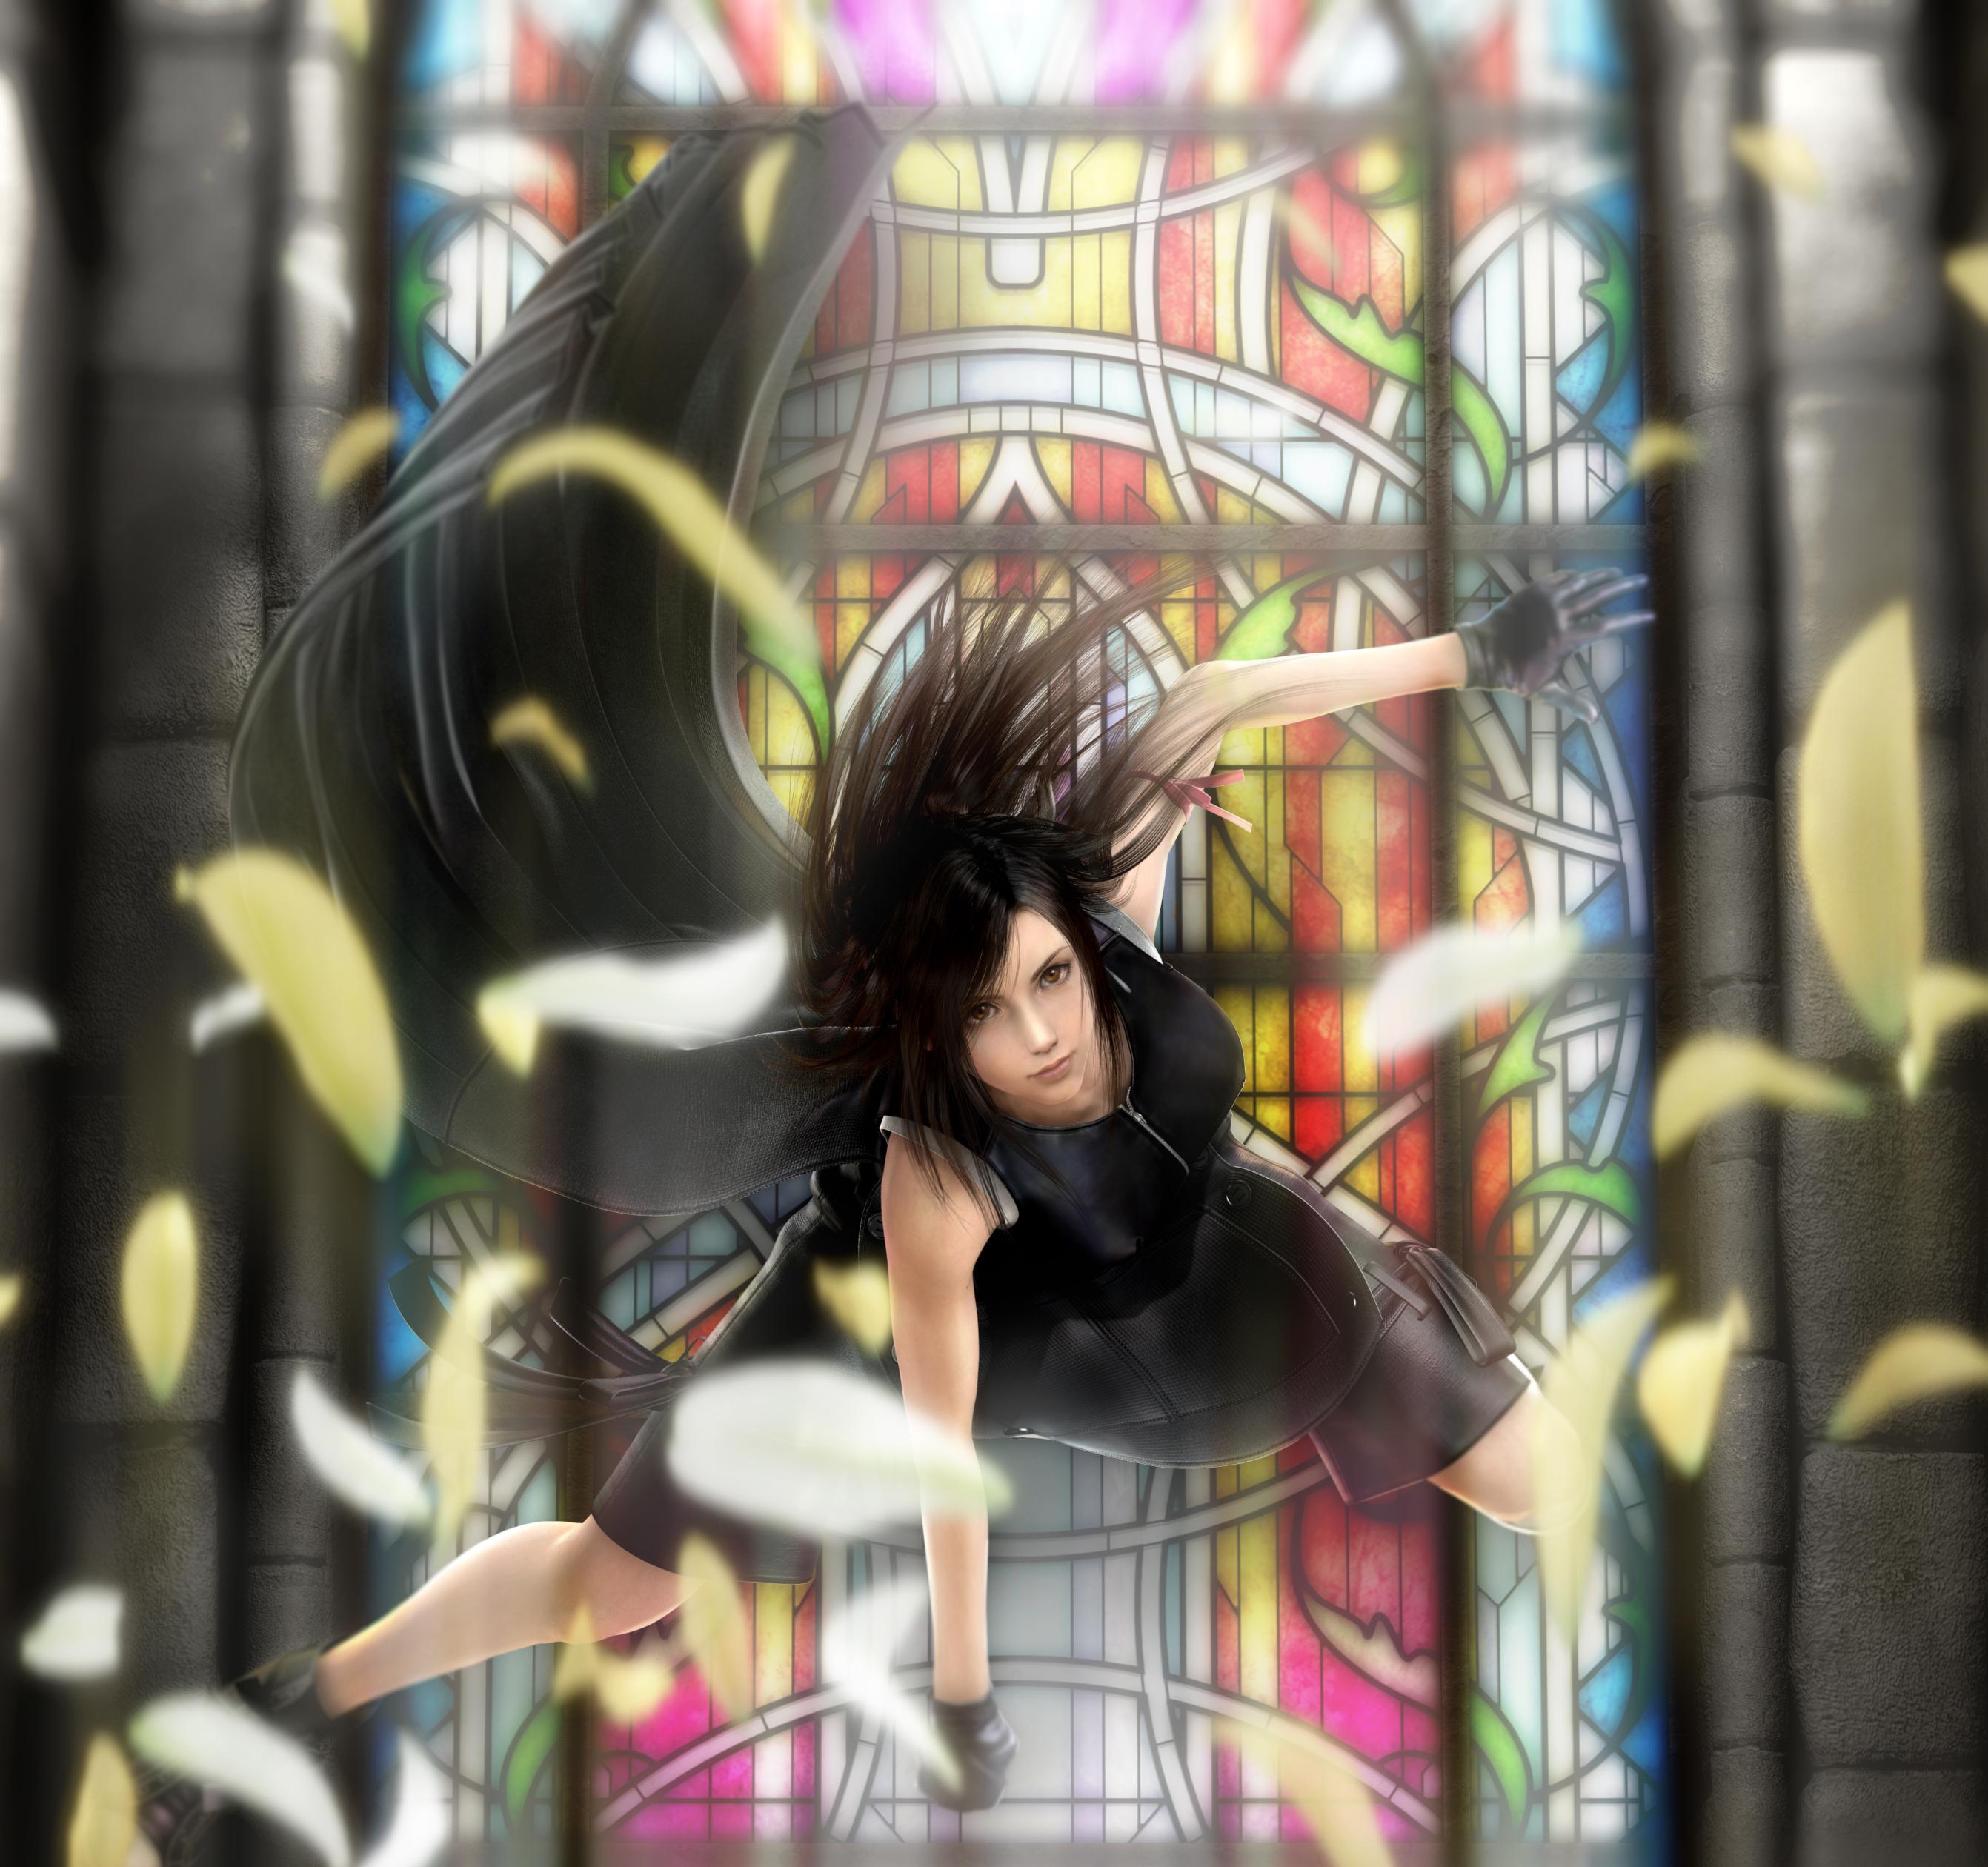 Final Fantasy Vii Advent Children Hd Wallpaper Background